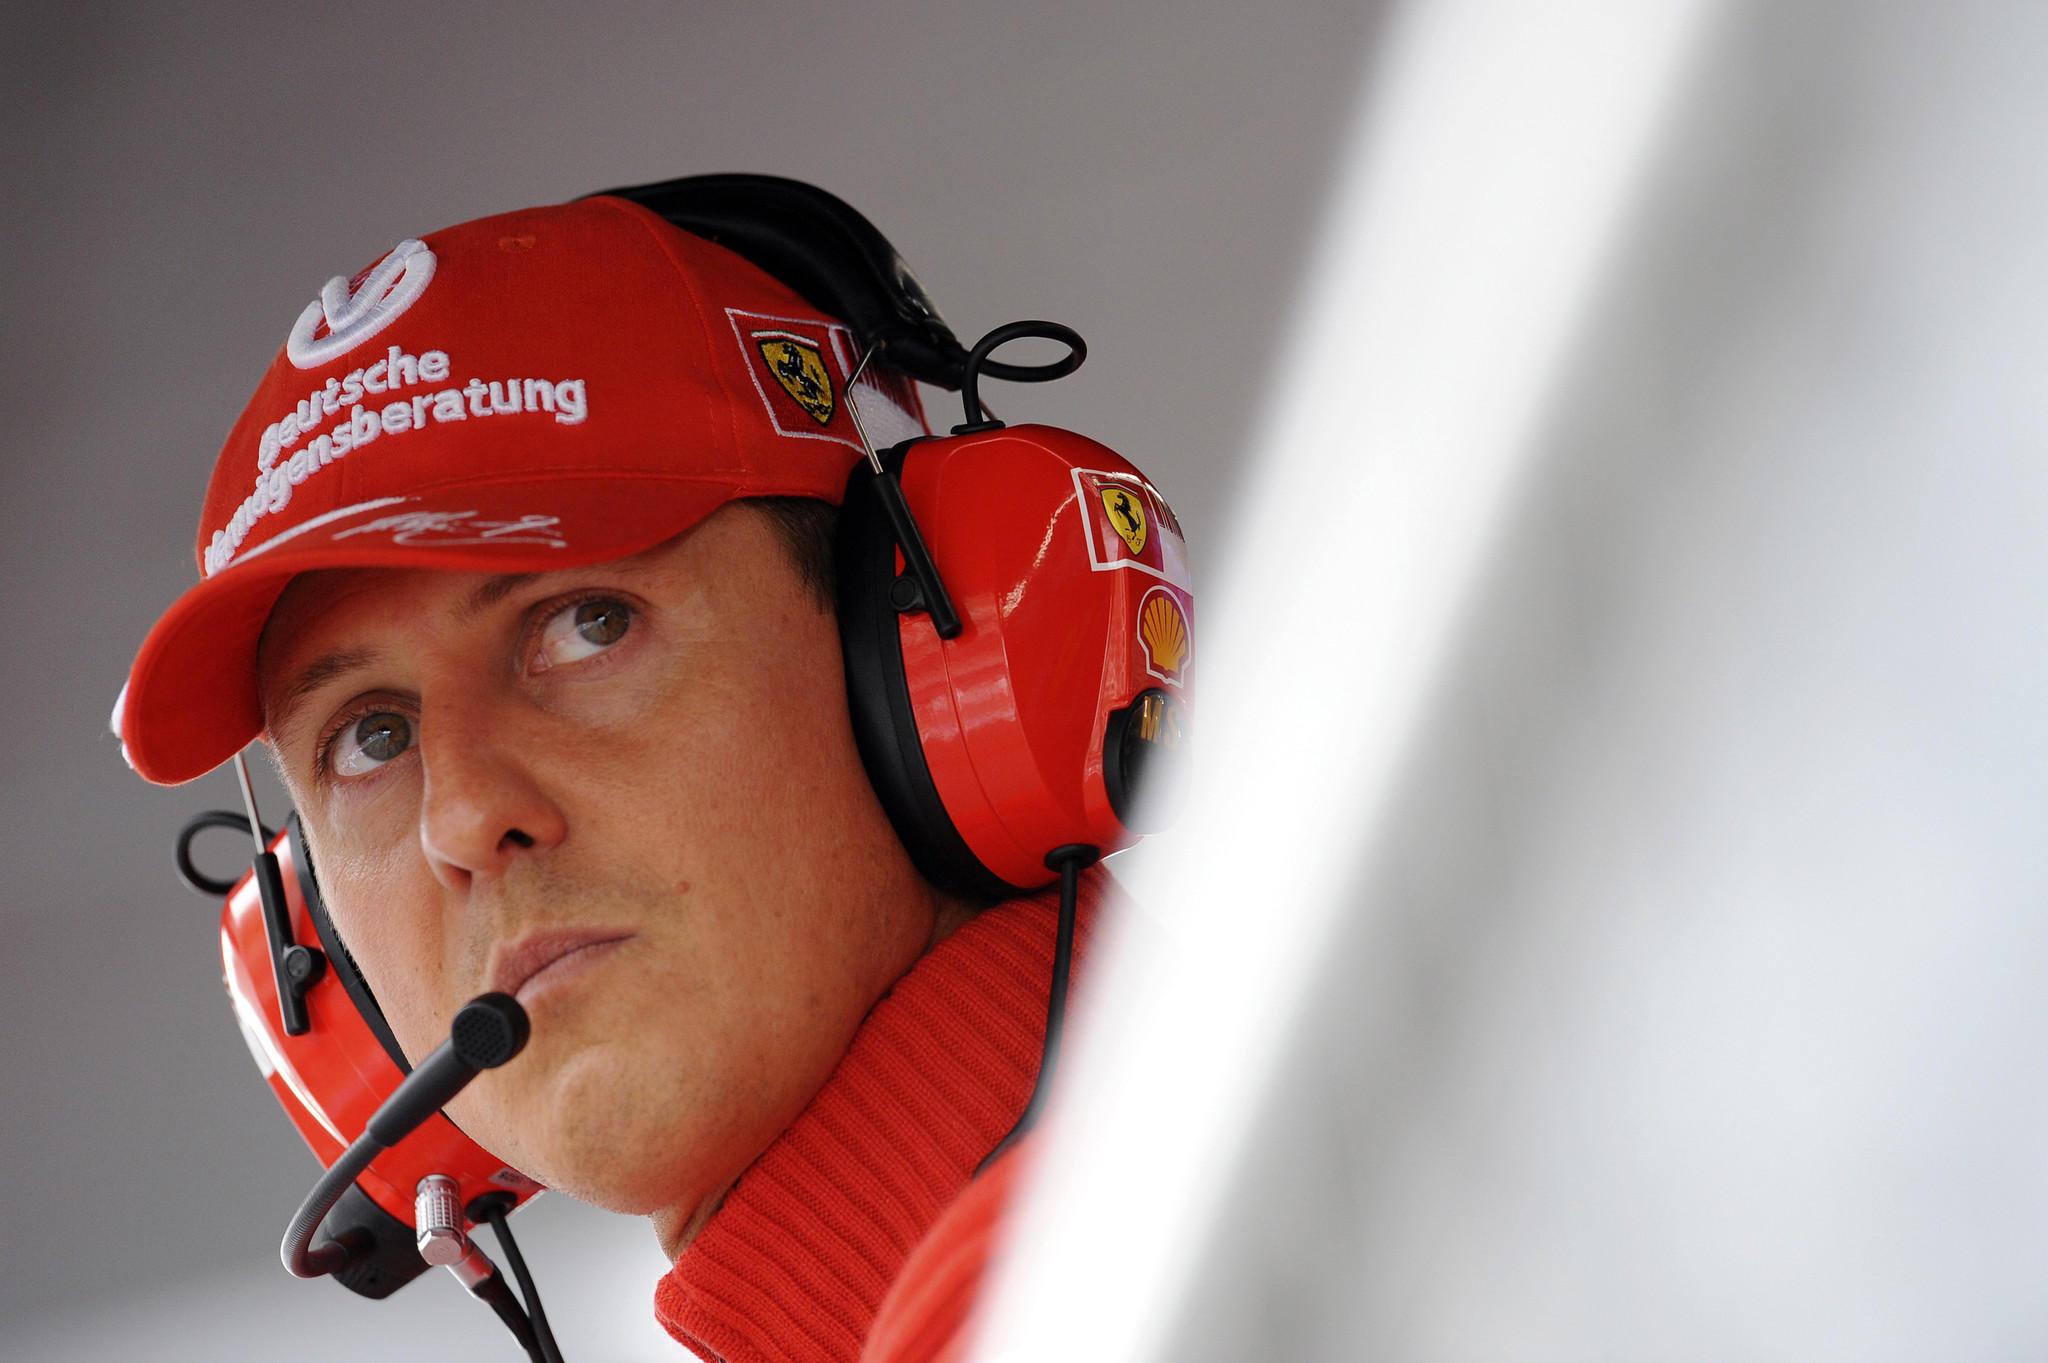 Michael Schumacher : un homme suspecté du vol du dossier médical se suicide !